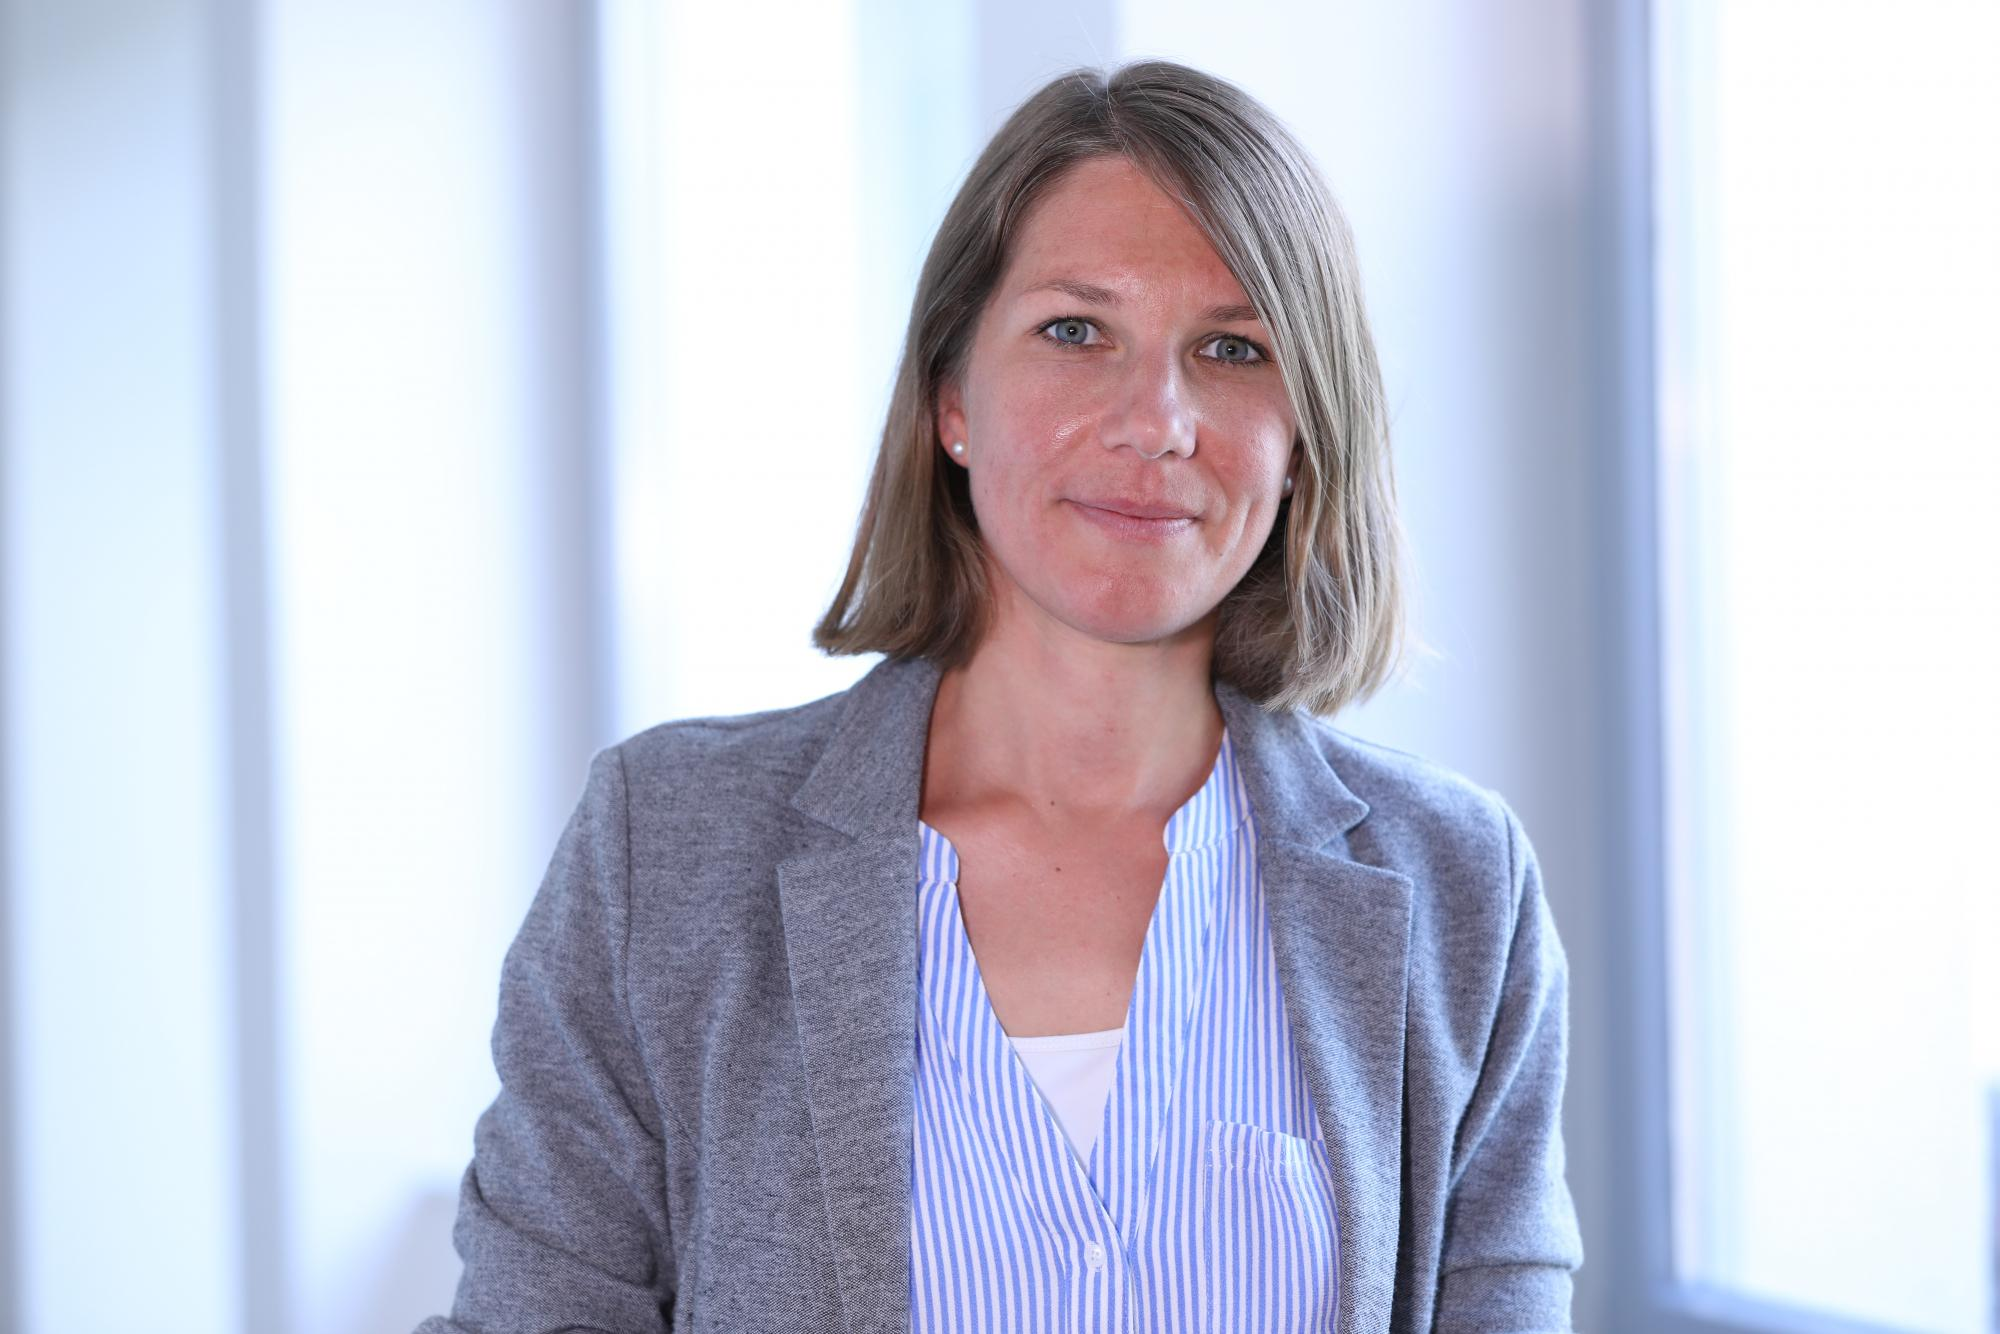 Birgit Klein